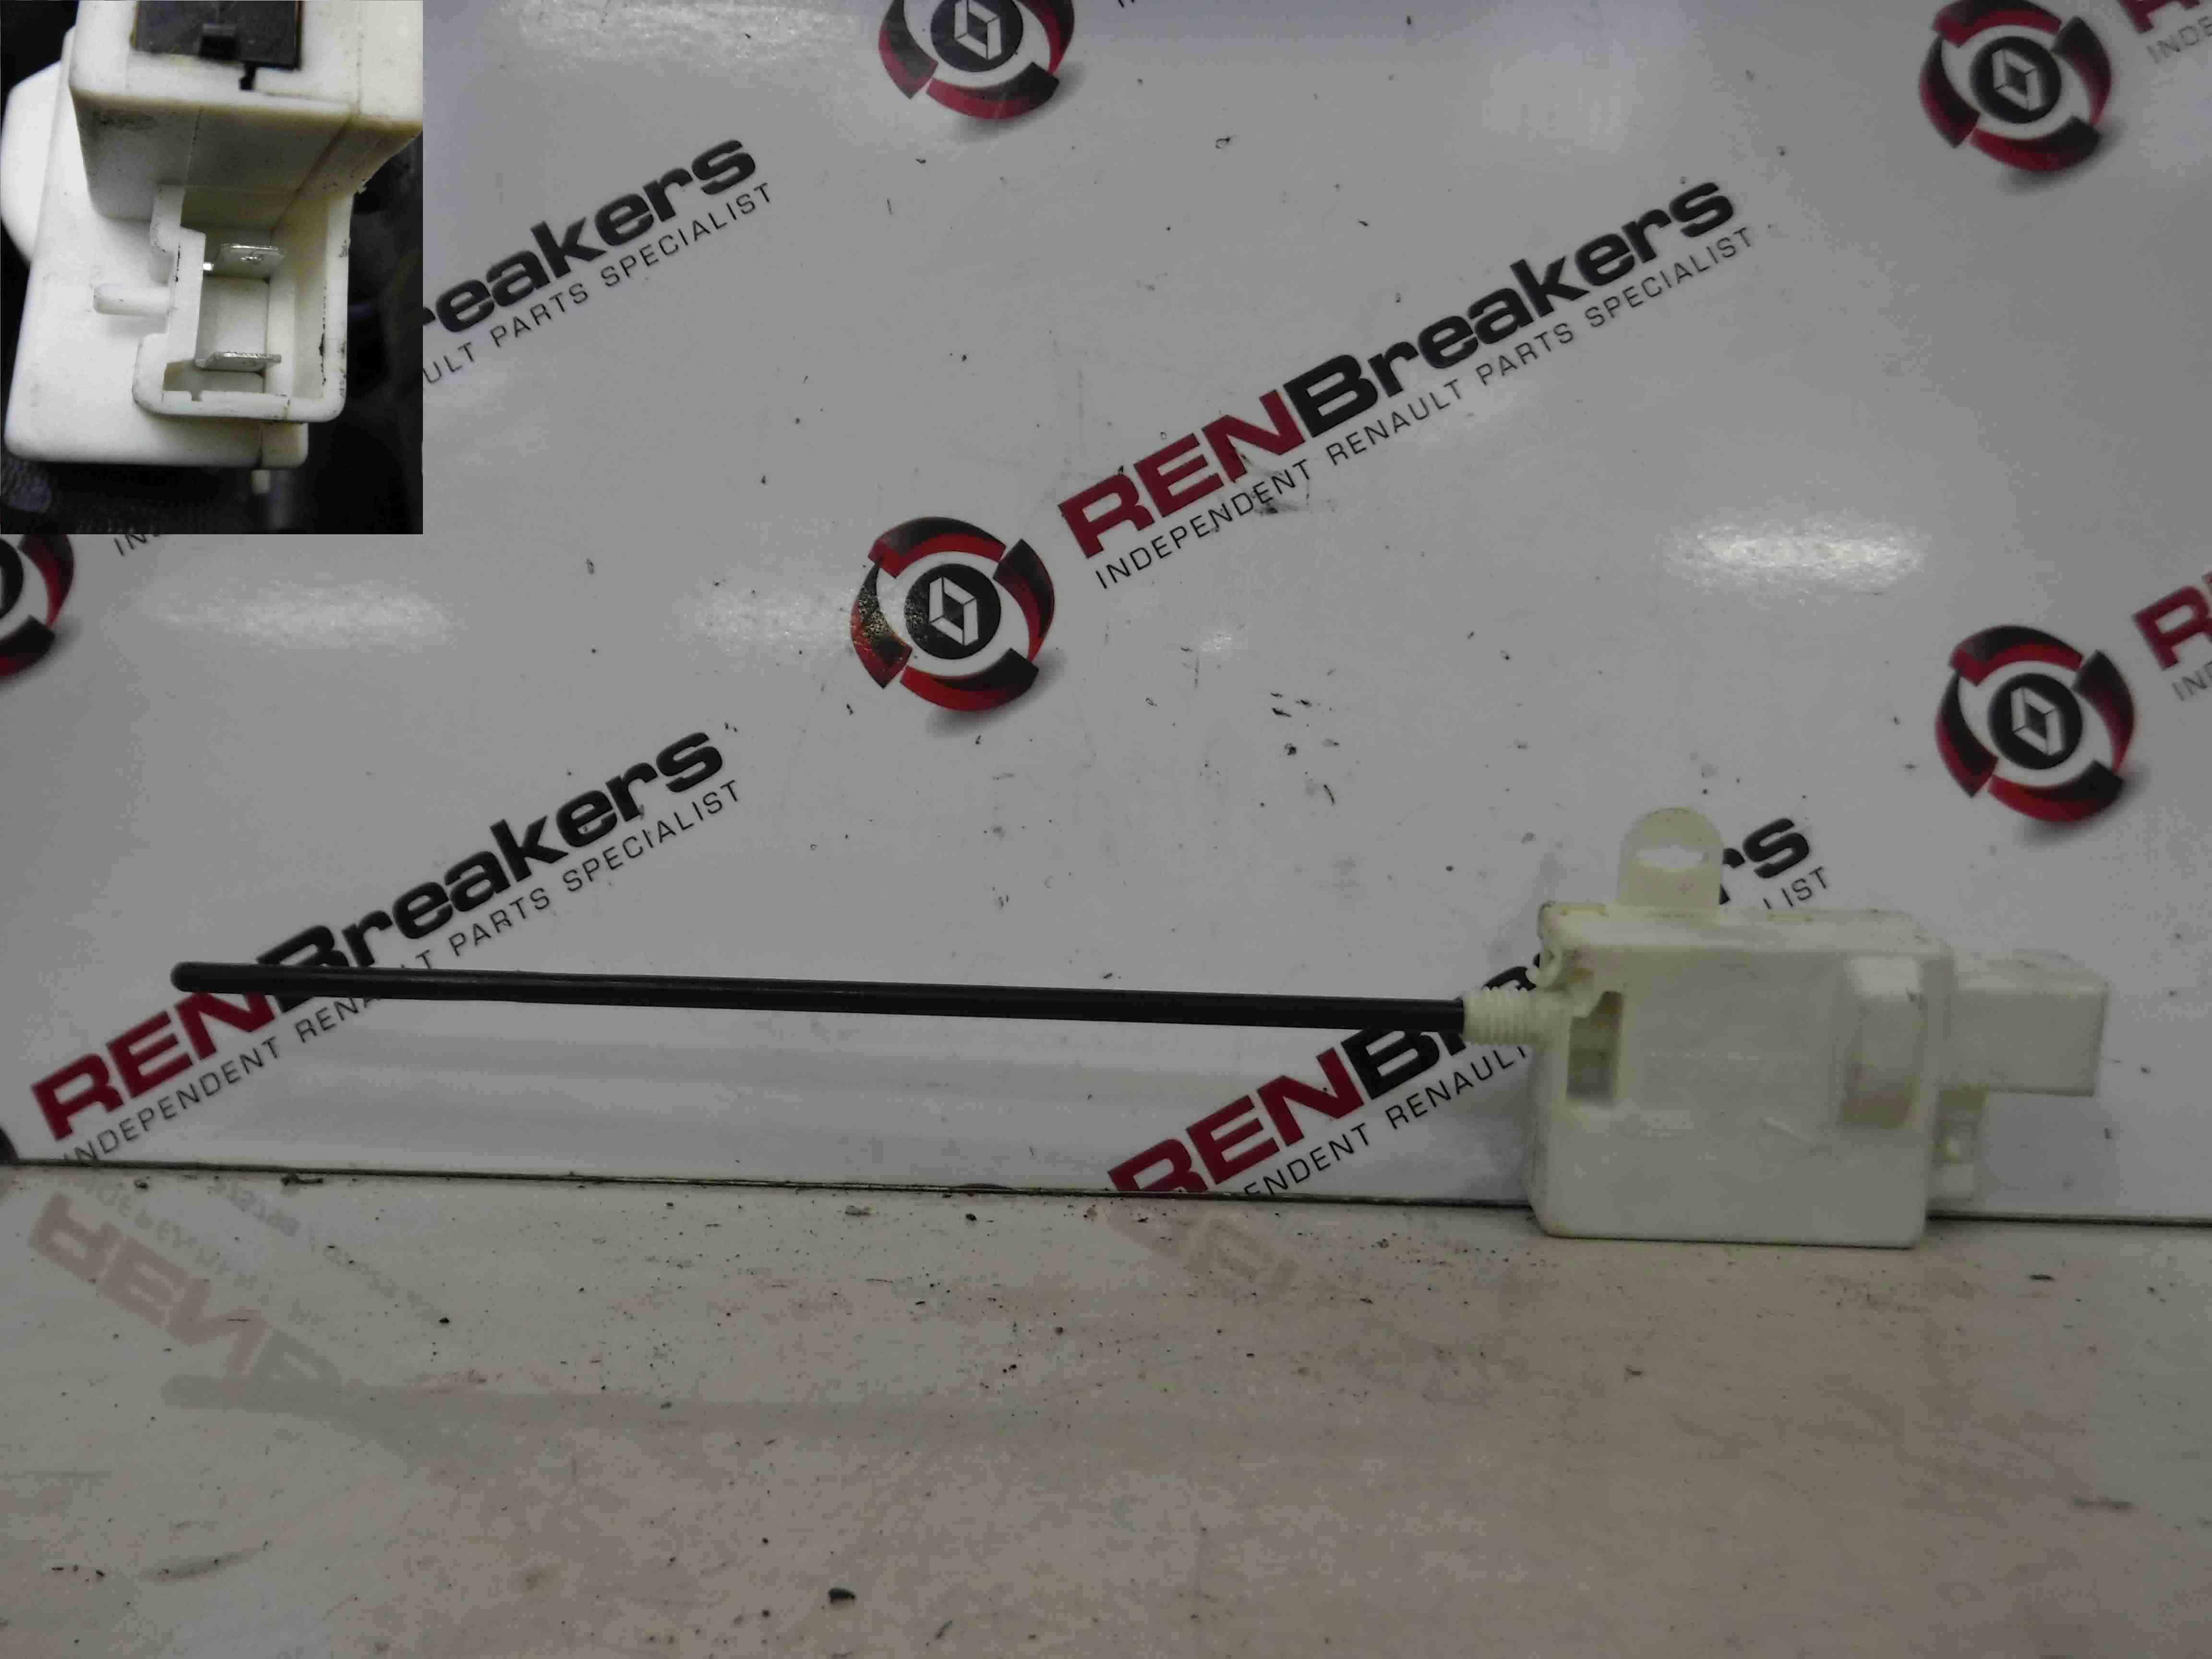 Renault Megane 2002-2008 Fuel Flap Locking Solenoid Mechanism Lock